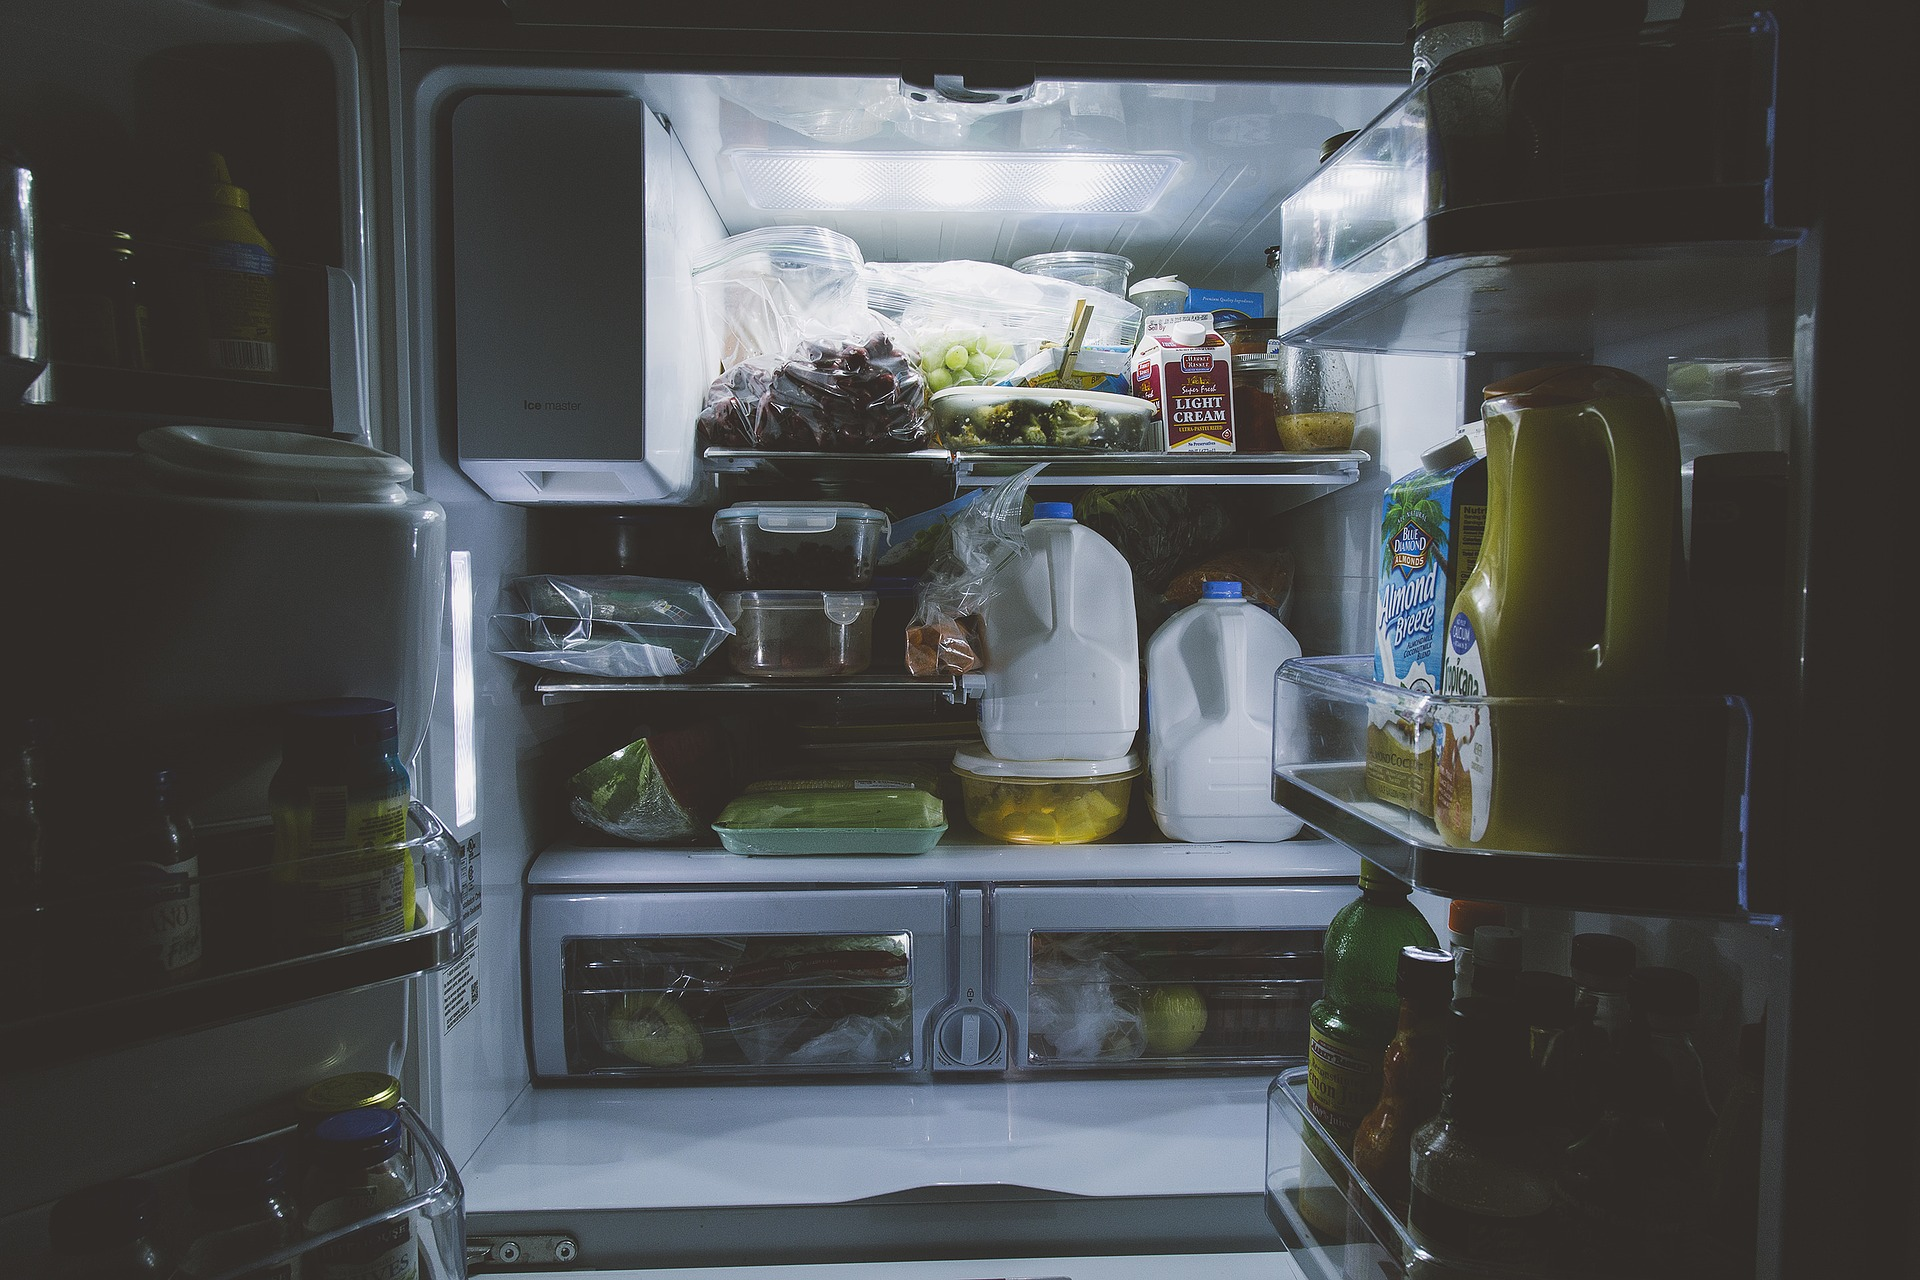 Aeg Kühlschrank Baujahr Bestimmen : Bosch kühlschrank alter bestimmen: kühlschrank bosch familyhealthed